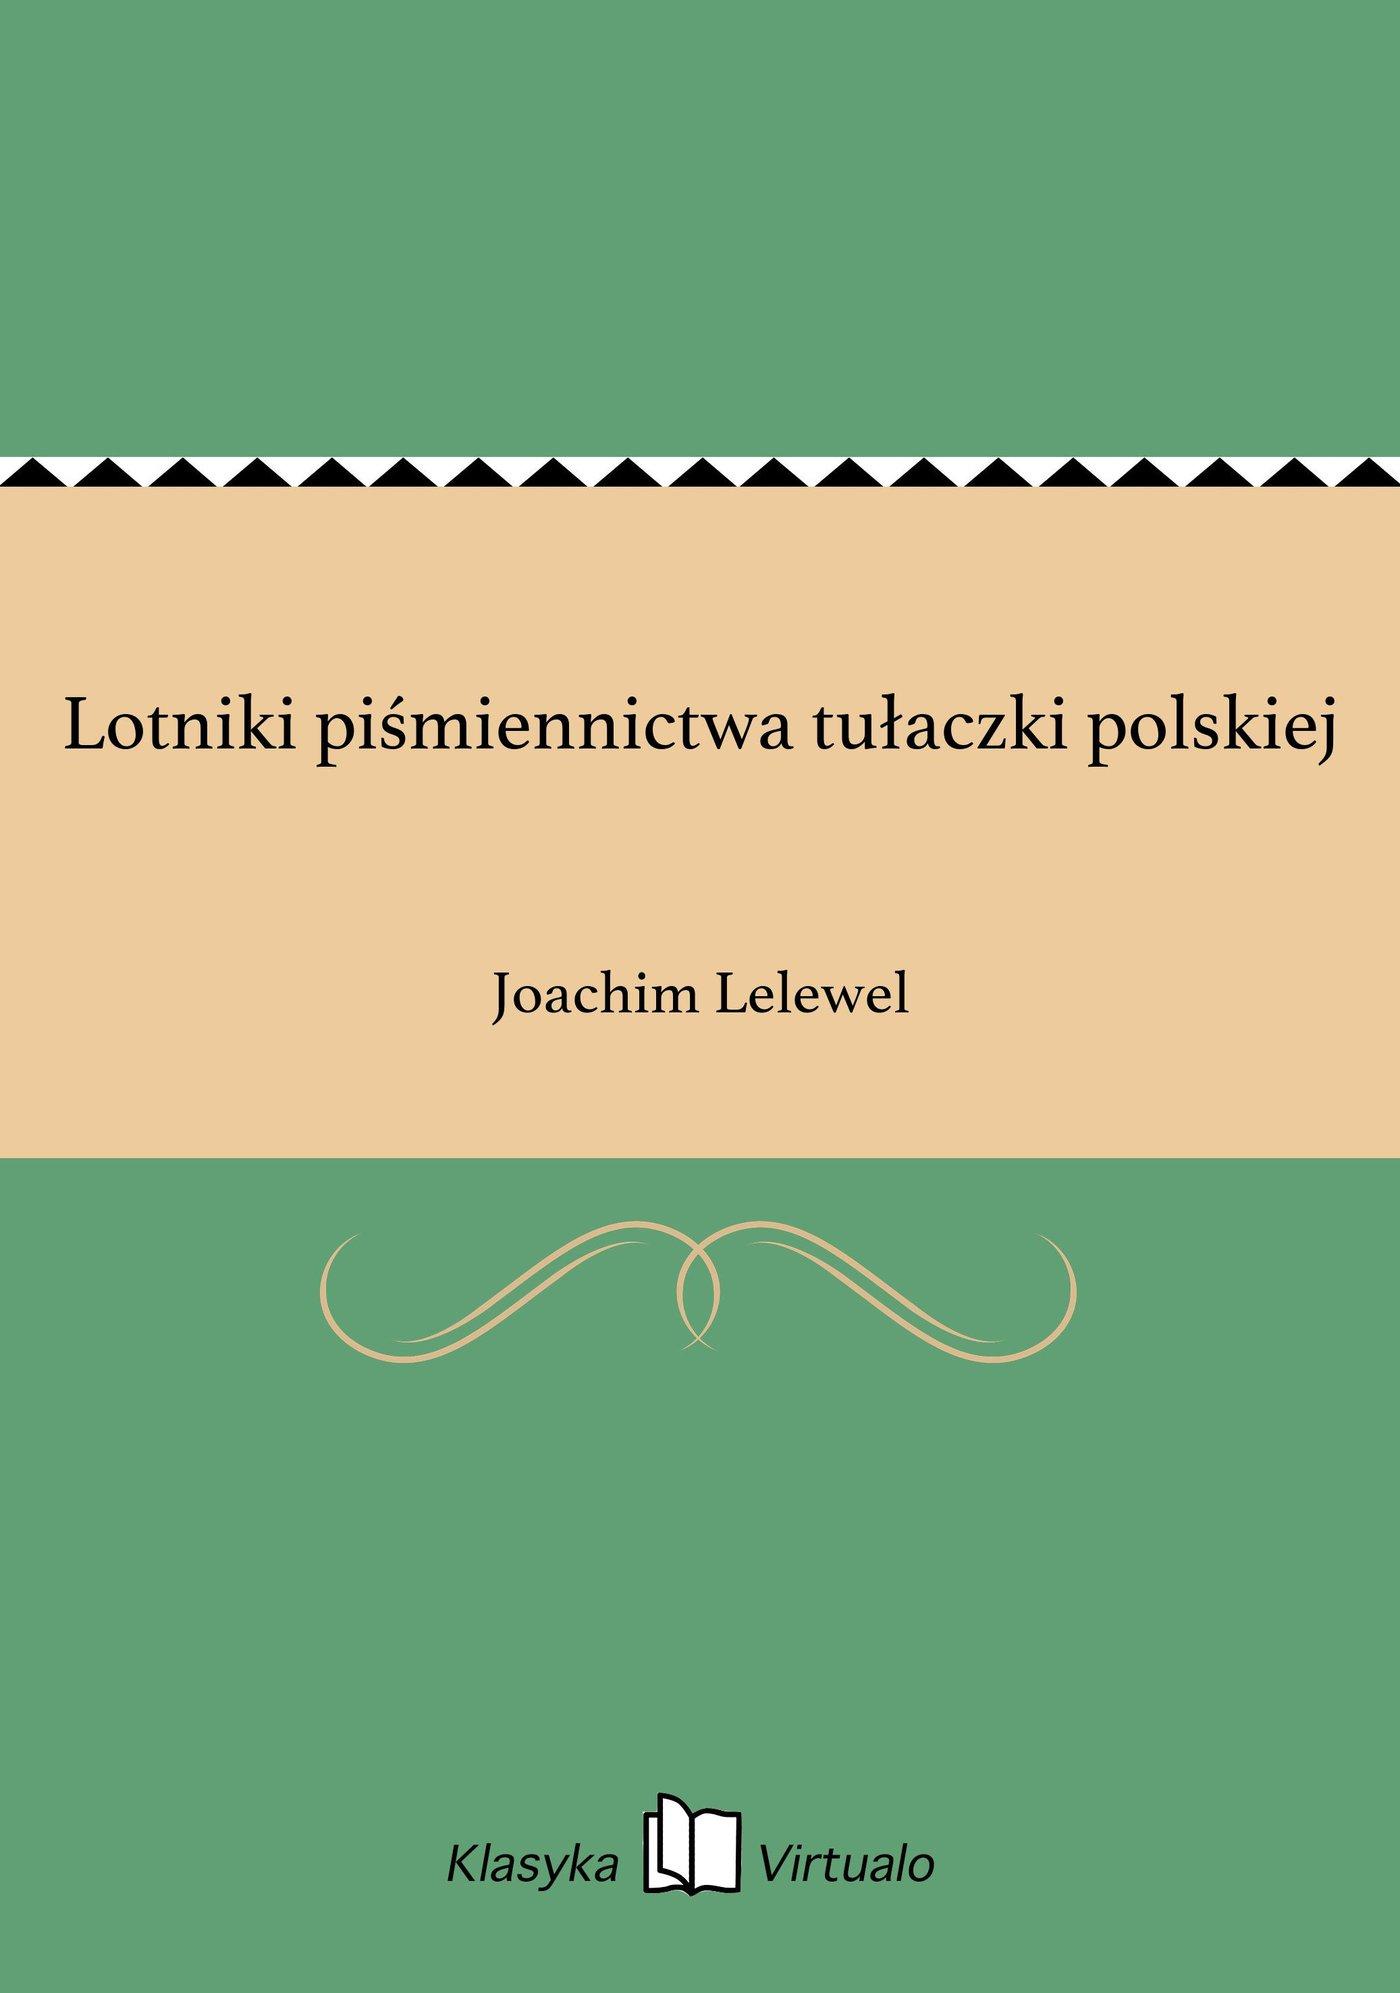 Lotniki piśmiennictwa tułaczki polskiej - Ebook (Książka EPUB) do pobrania w formacie EPUB